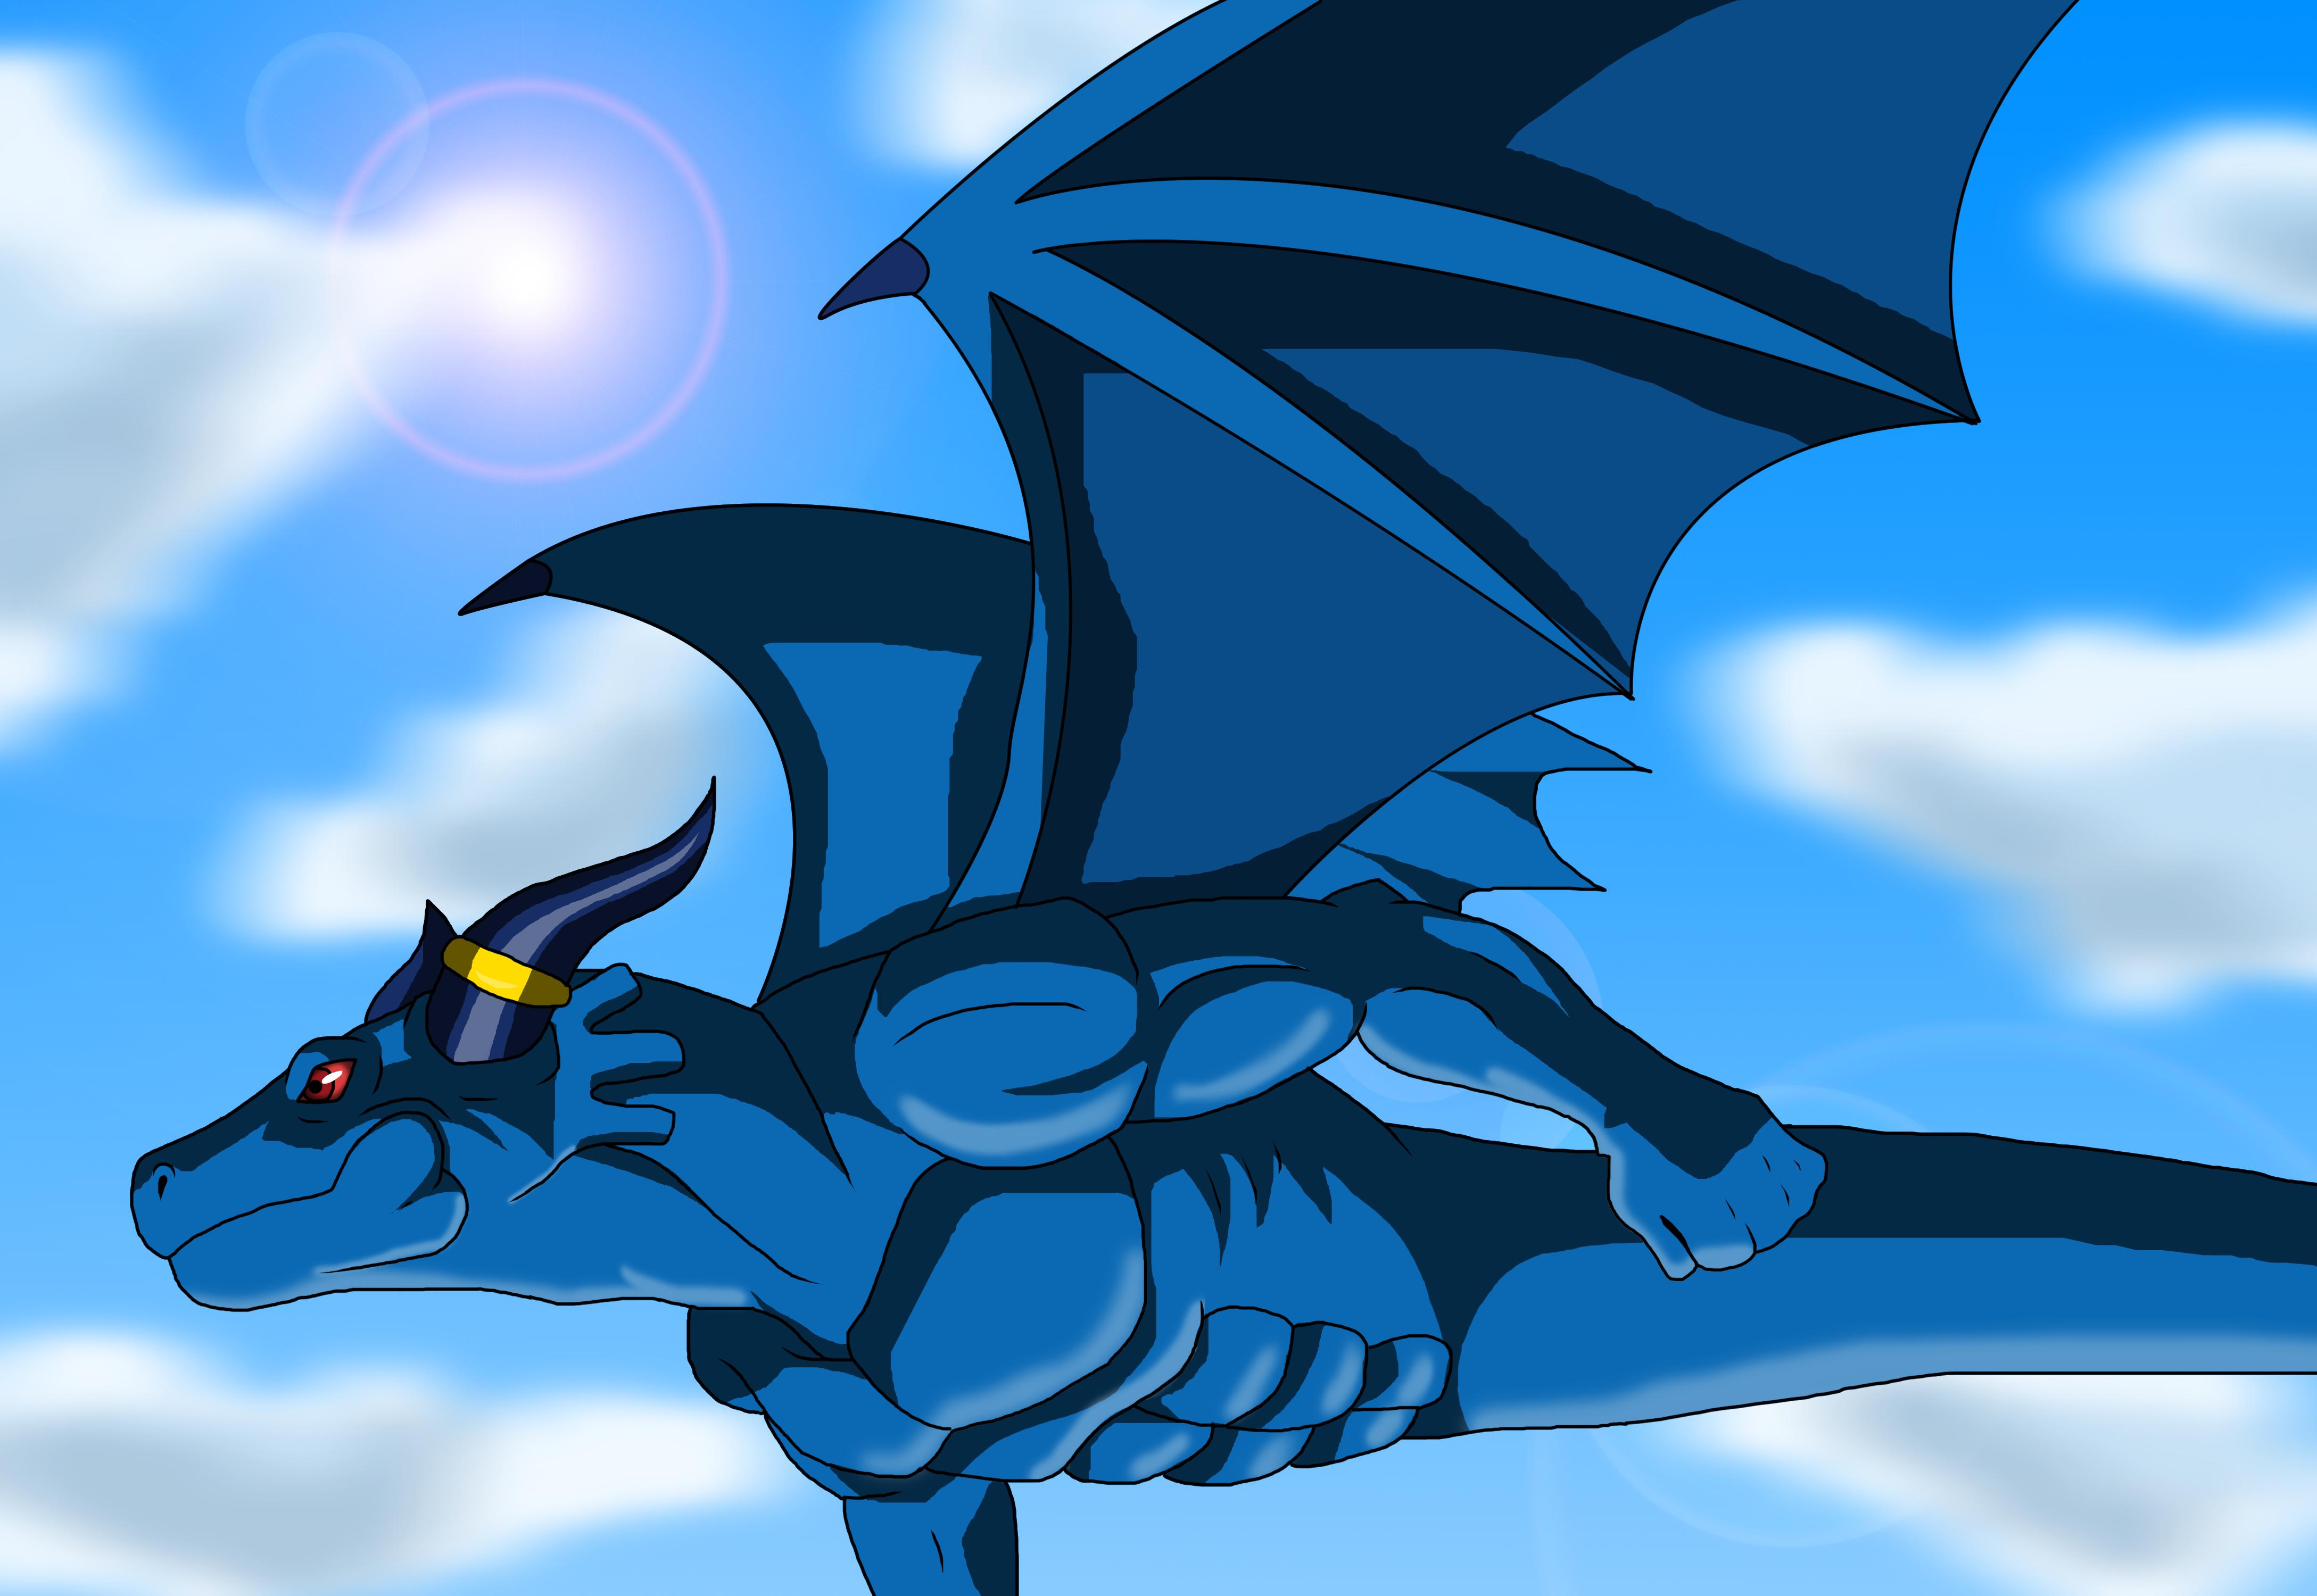 Blue Dragon flight by Kyuubi83256 on DeviantArt